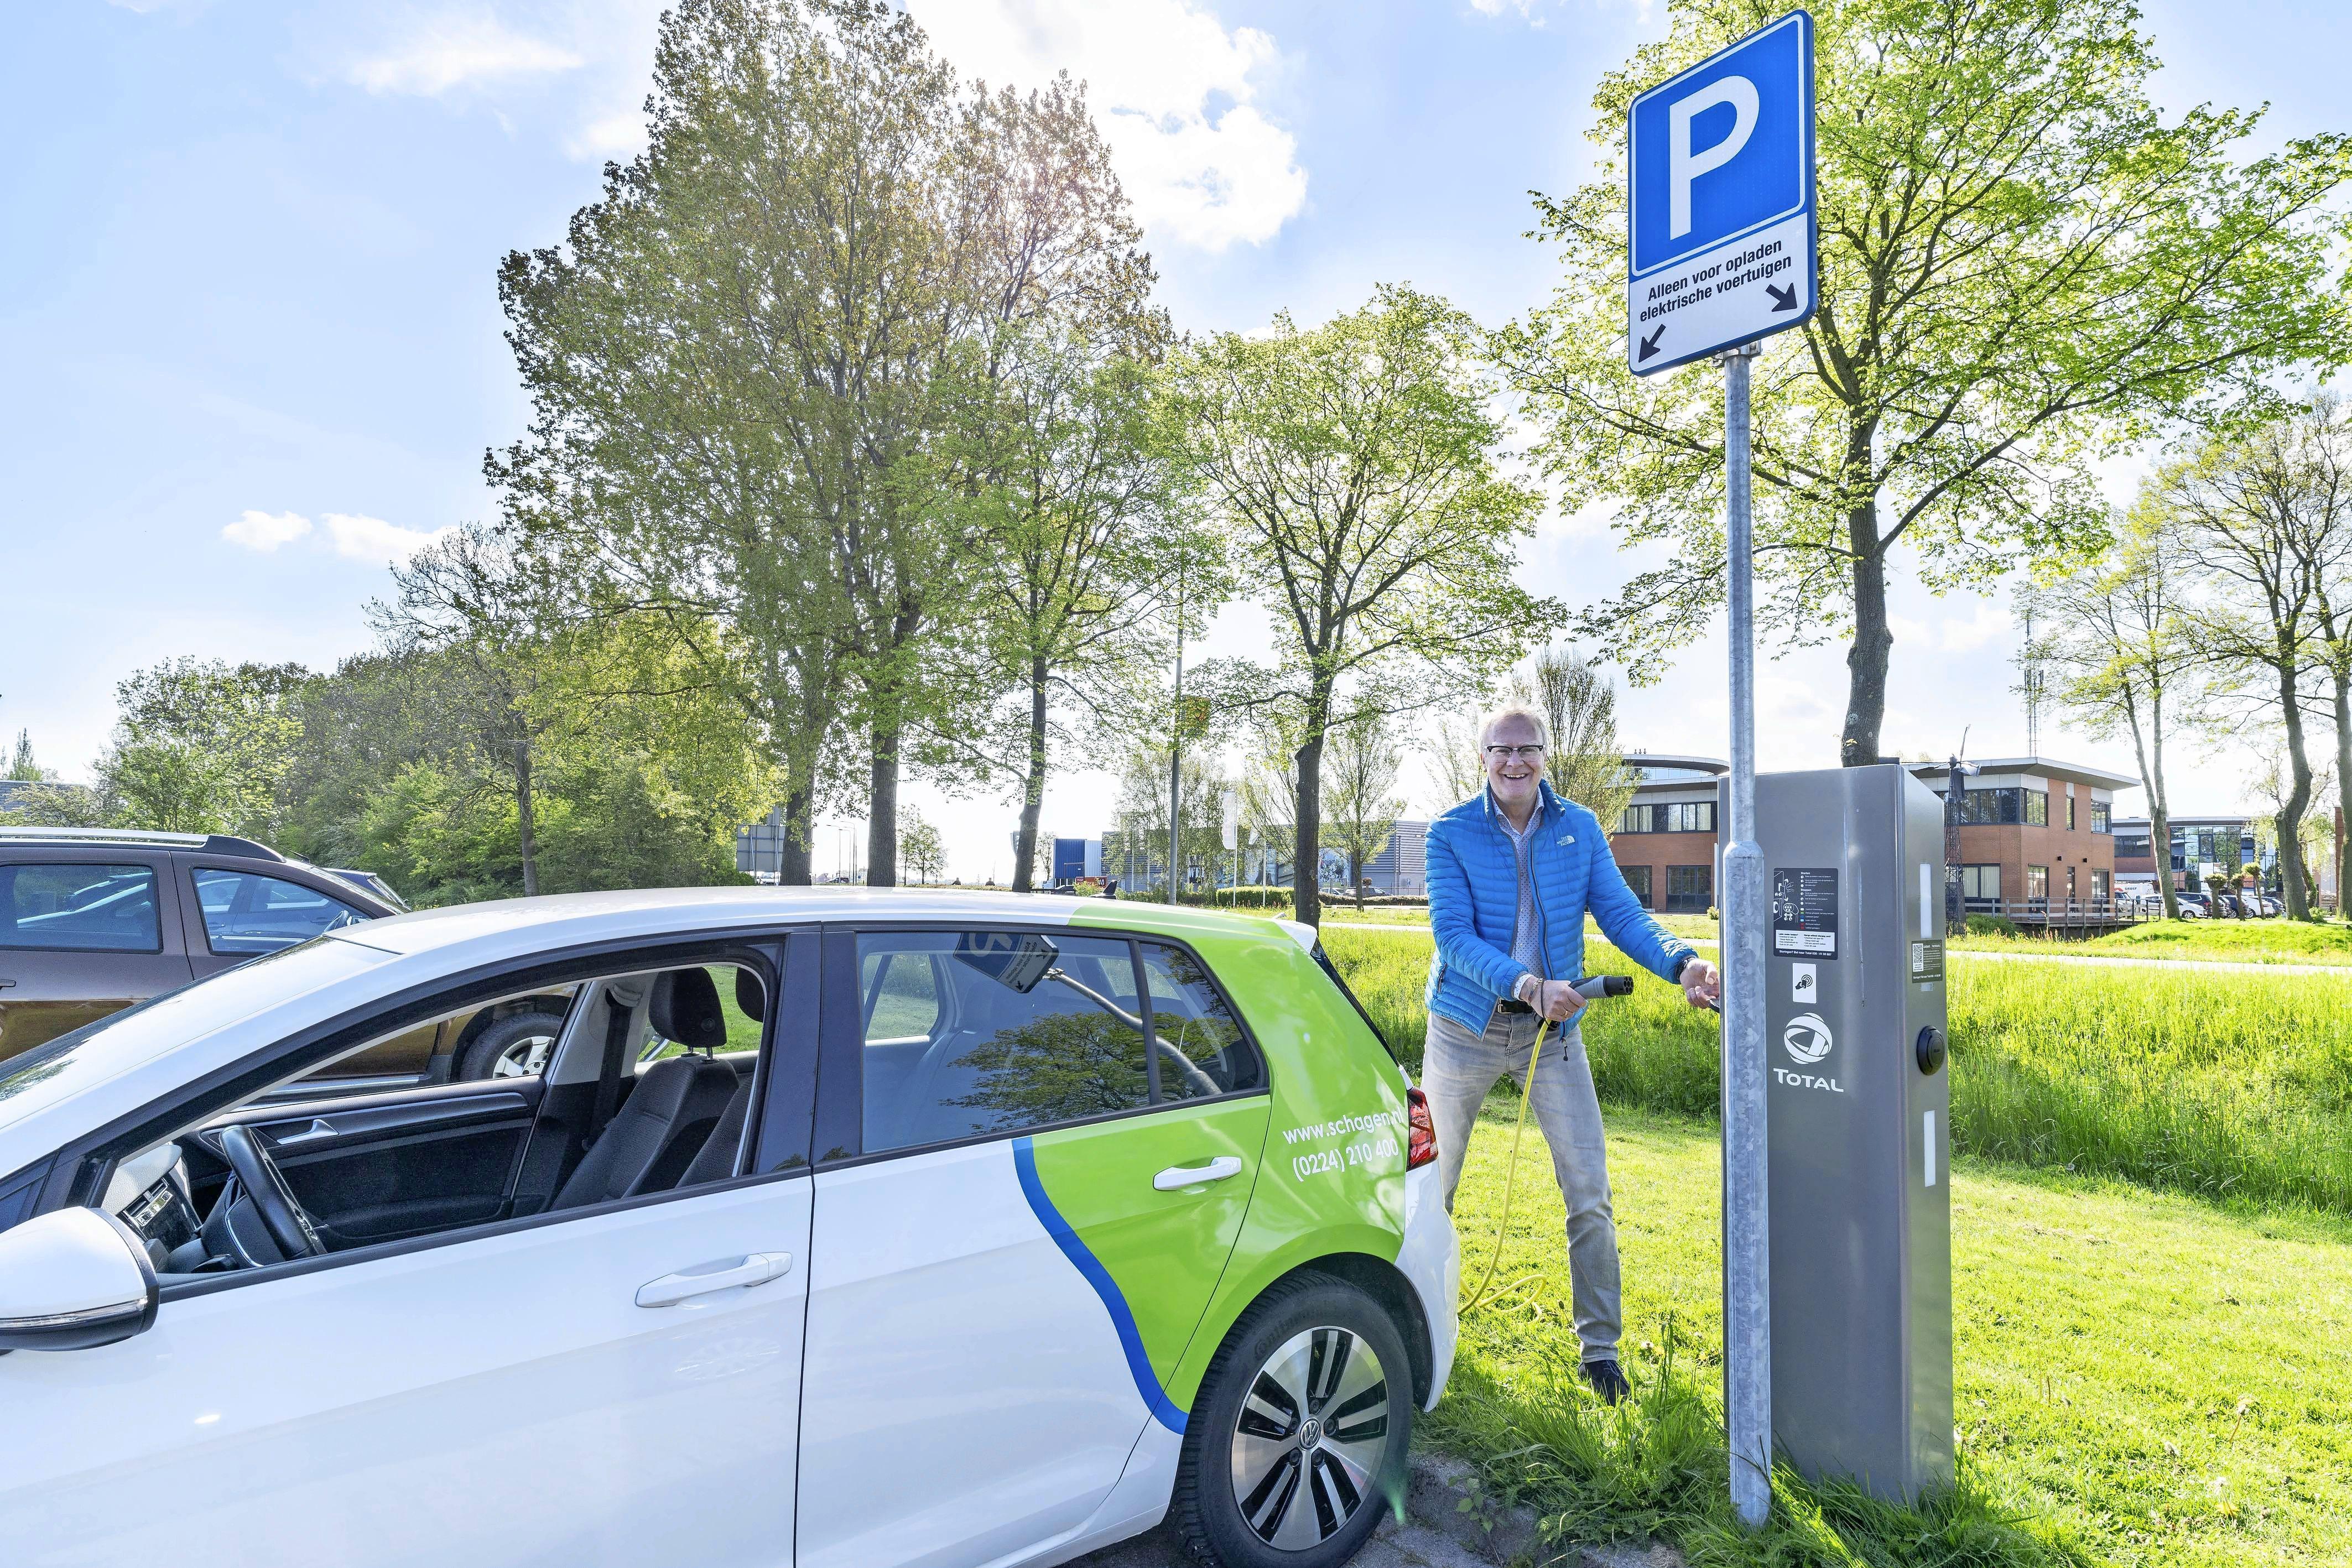 Vijftigste oplaadpaal voor de elektrische auto in Schagen geplaatst